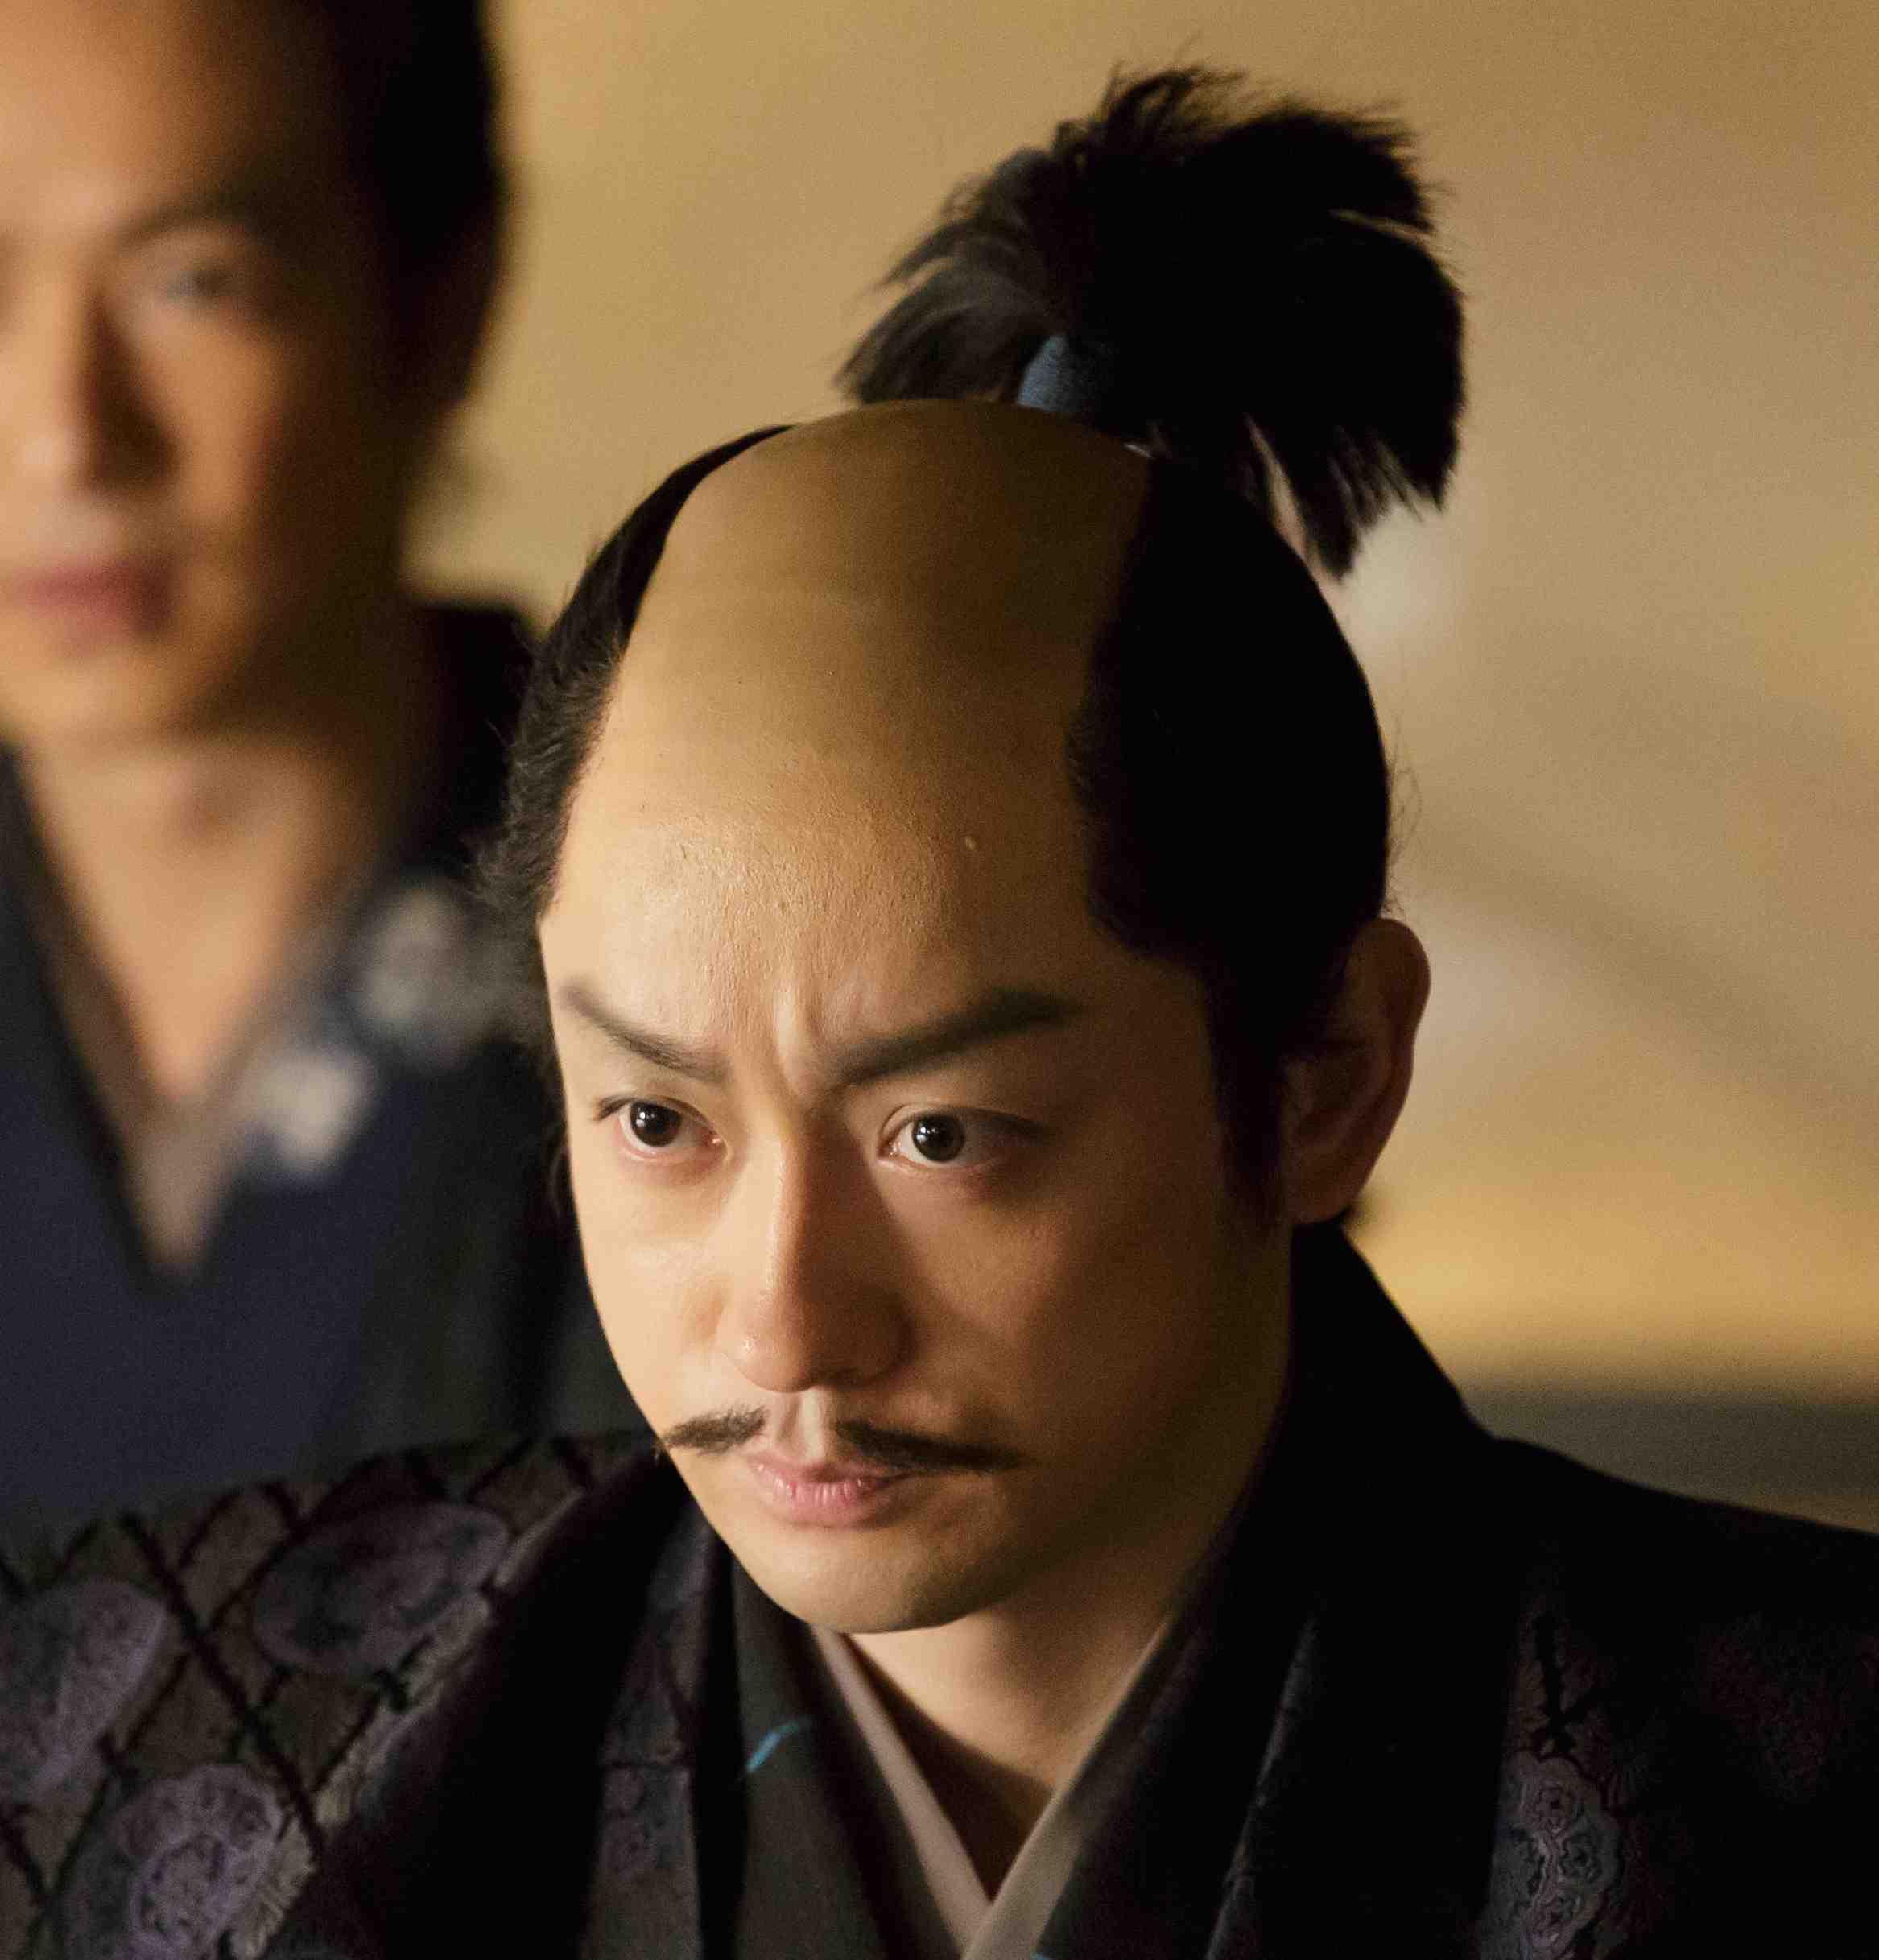 石田三成役・山本耕史「三谷さんに、今まで描かれた三成像のなかで一番熱い男と言われました」